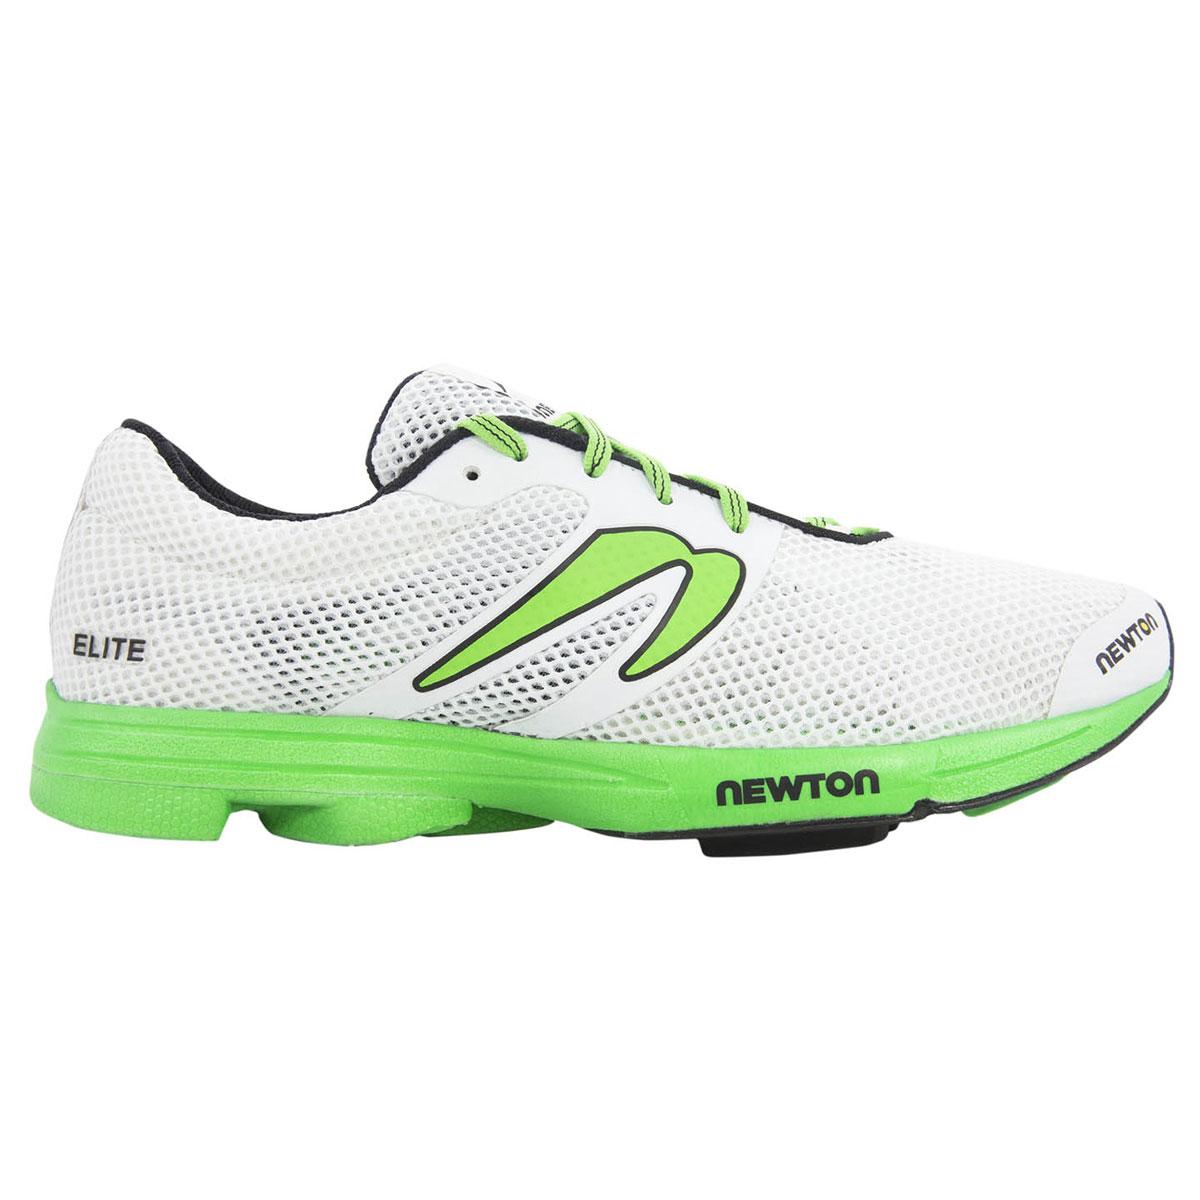 Newton Distance Distance Distance Elite Herren Laufschuhe Sportschuhe Turnschuhe weiß M008118 SALE b3b79f